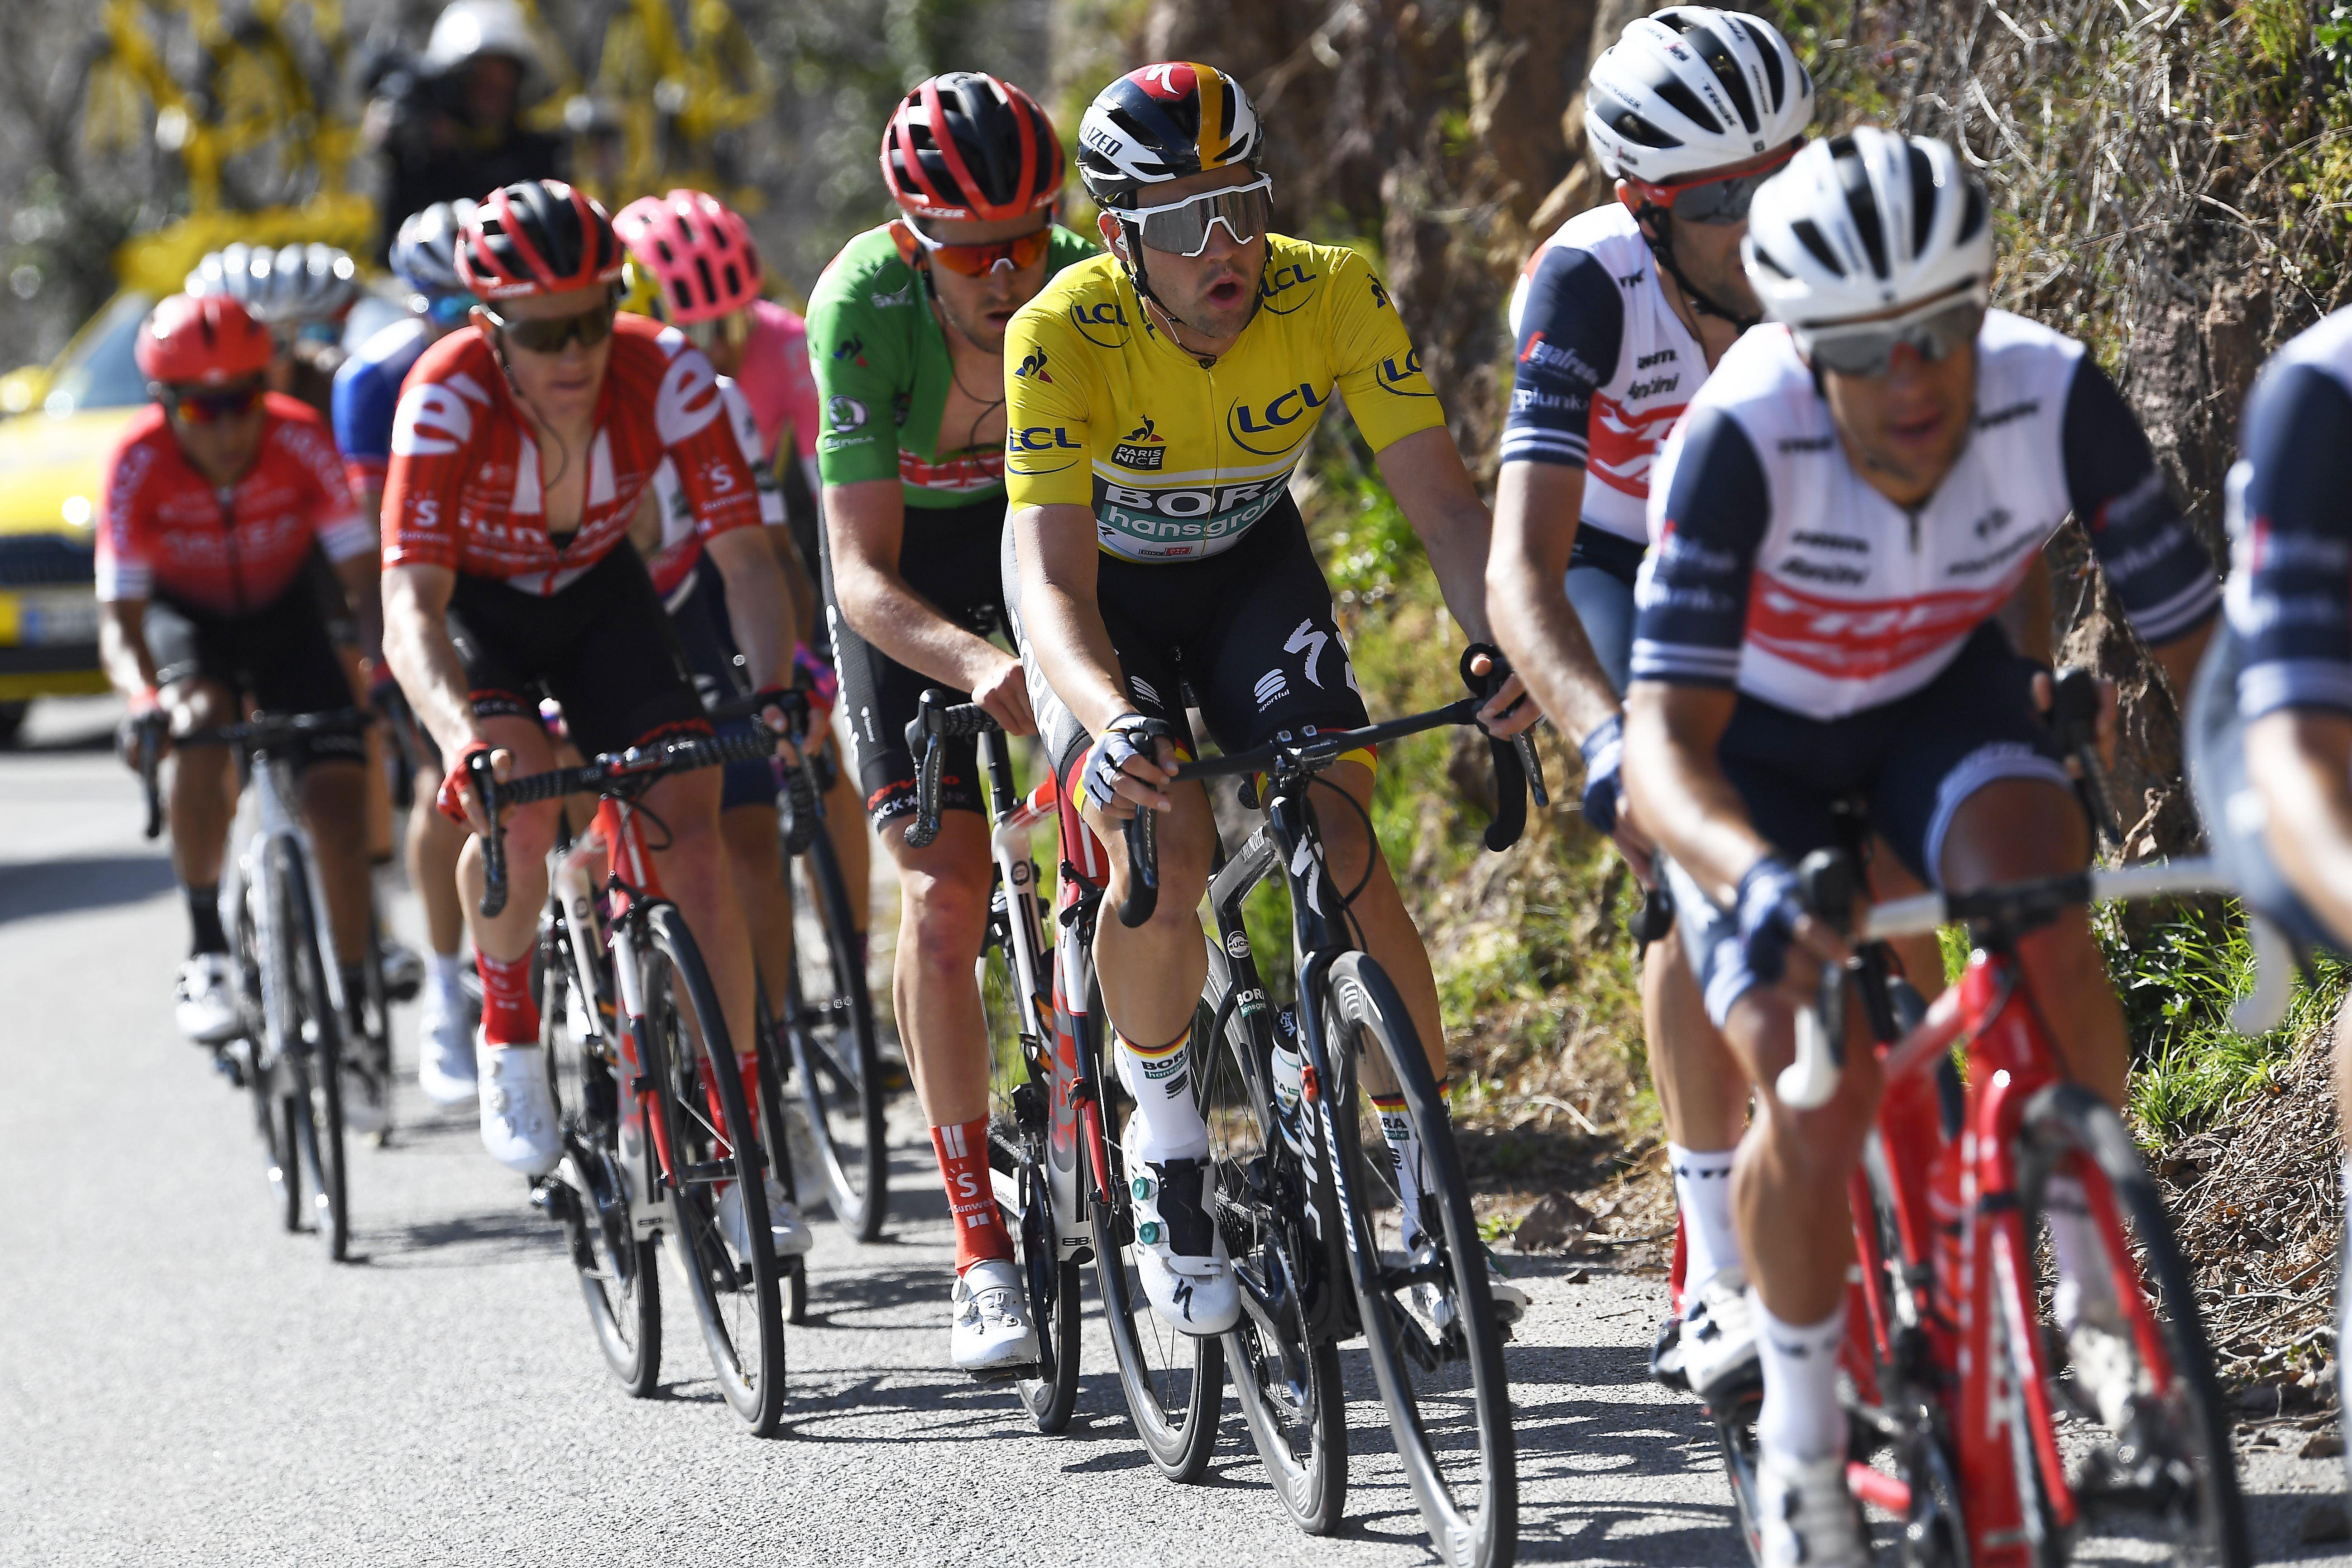 Cyclisme - Coronavirus: le Tour de France avec du public ... mais en août ?